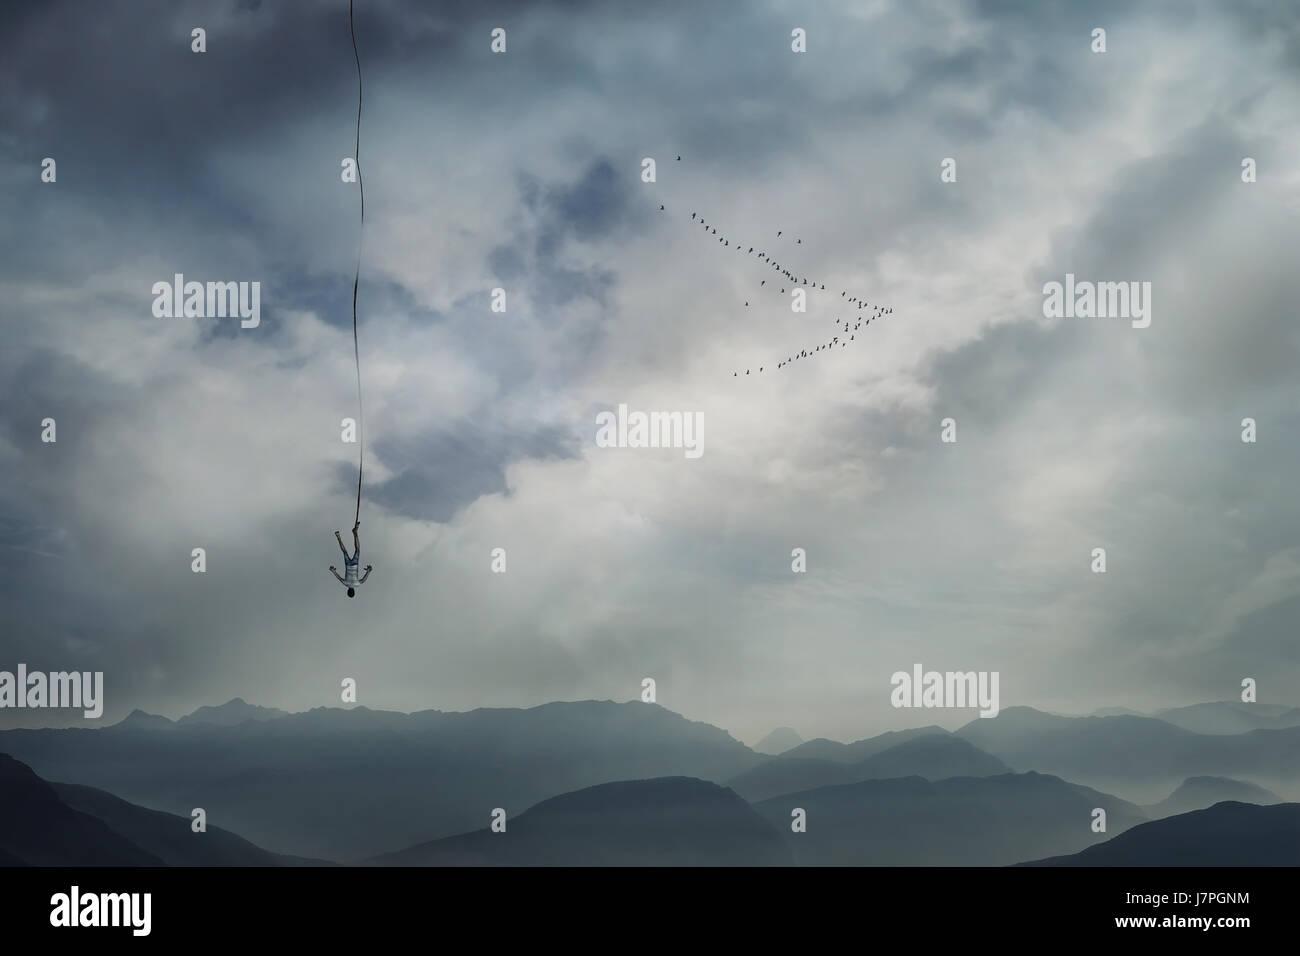 Giovane uomo che cadono dal cielo con una corda legata alla sua gamba come assicurazione di sicurezza. Base jump, Immagini Stock